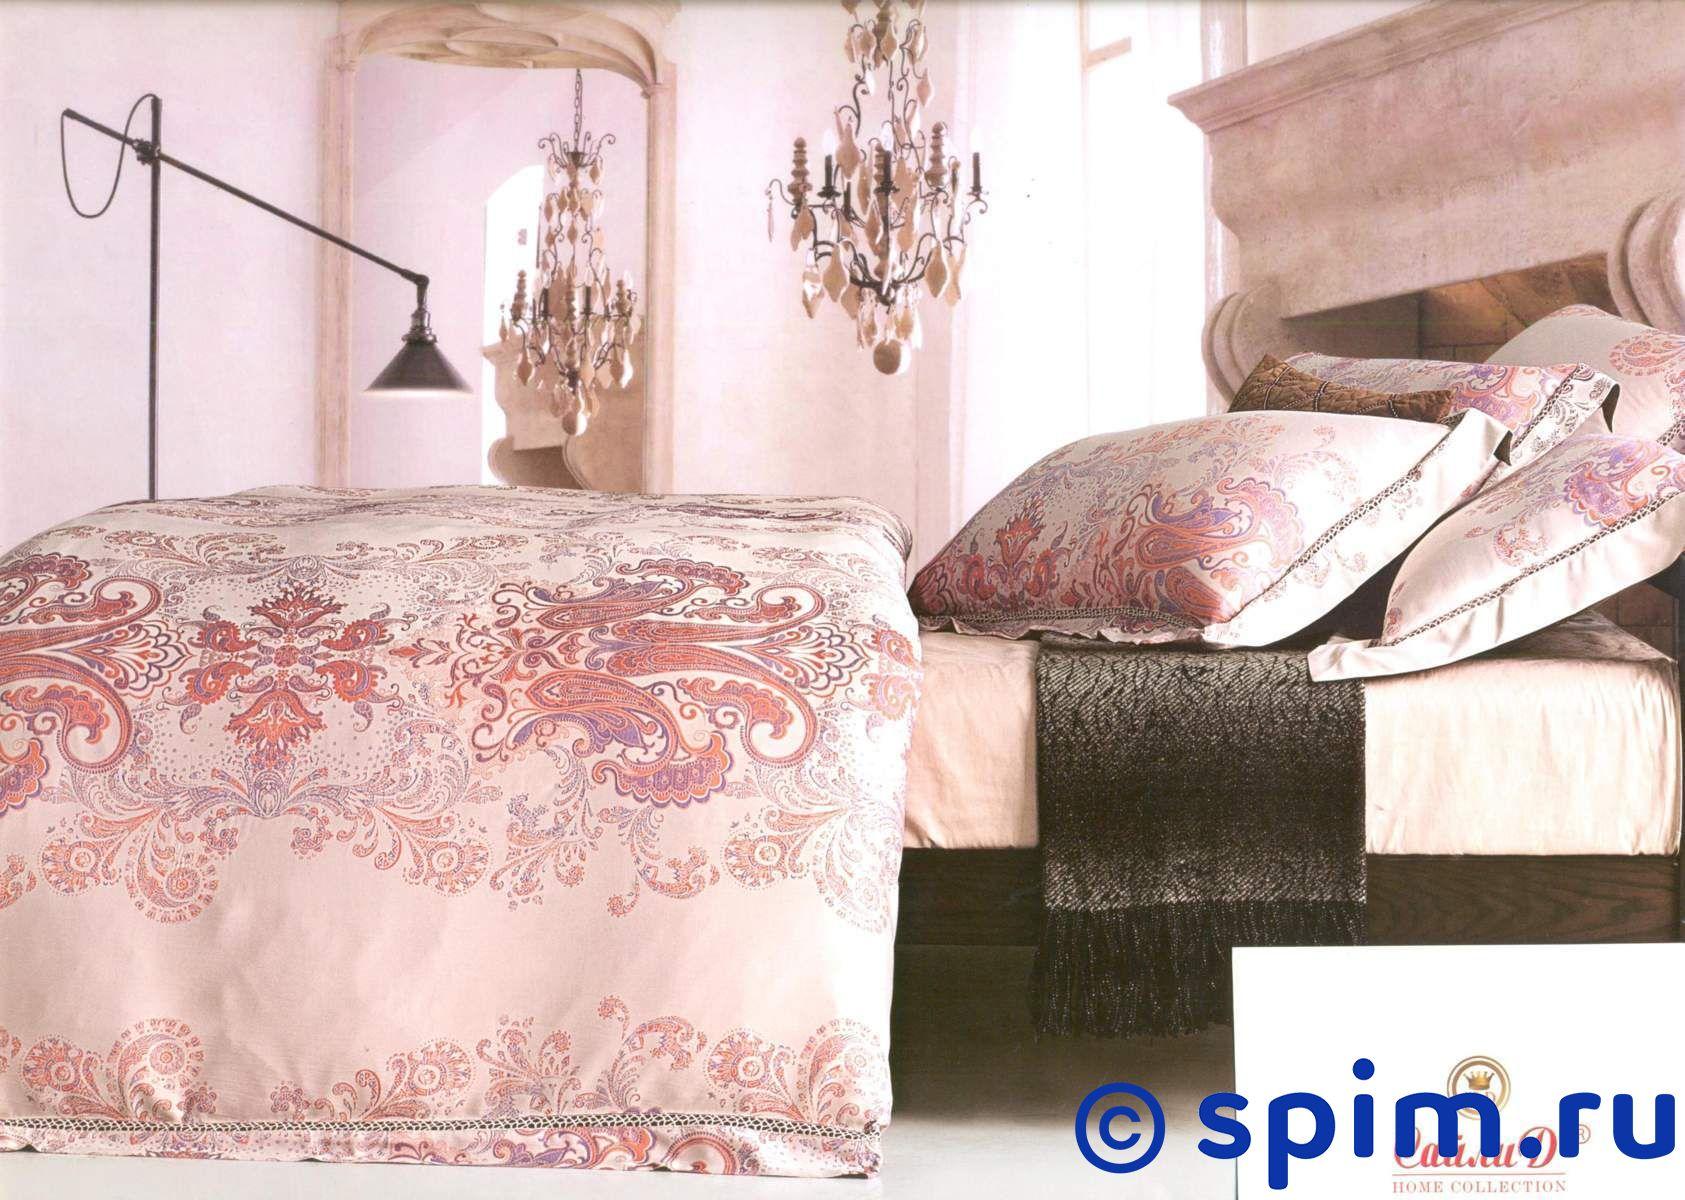 Постельное белье СайлиД К73 Евро-стандарт